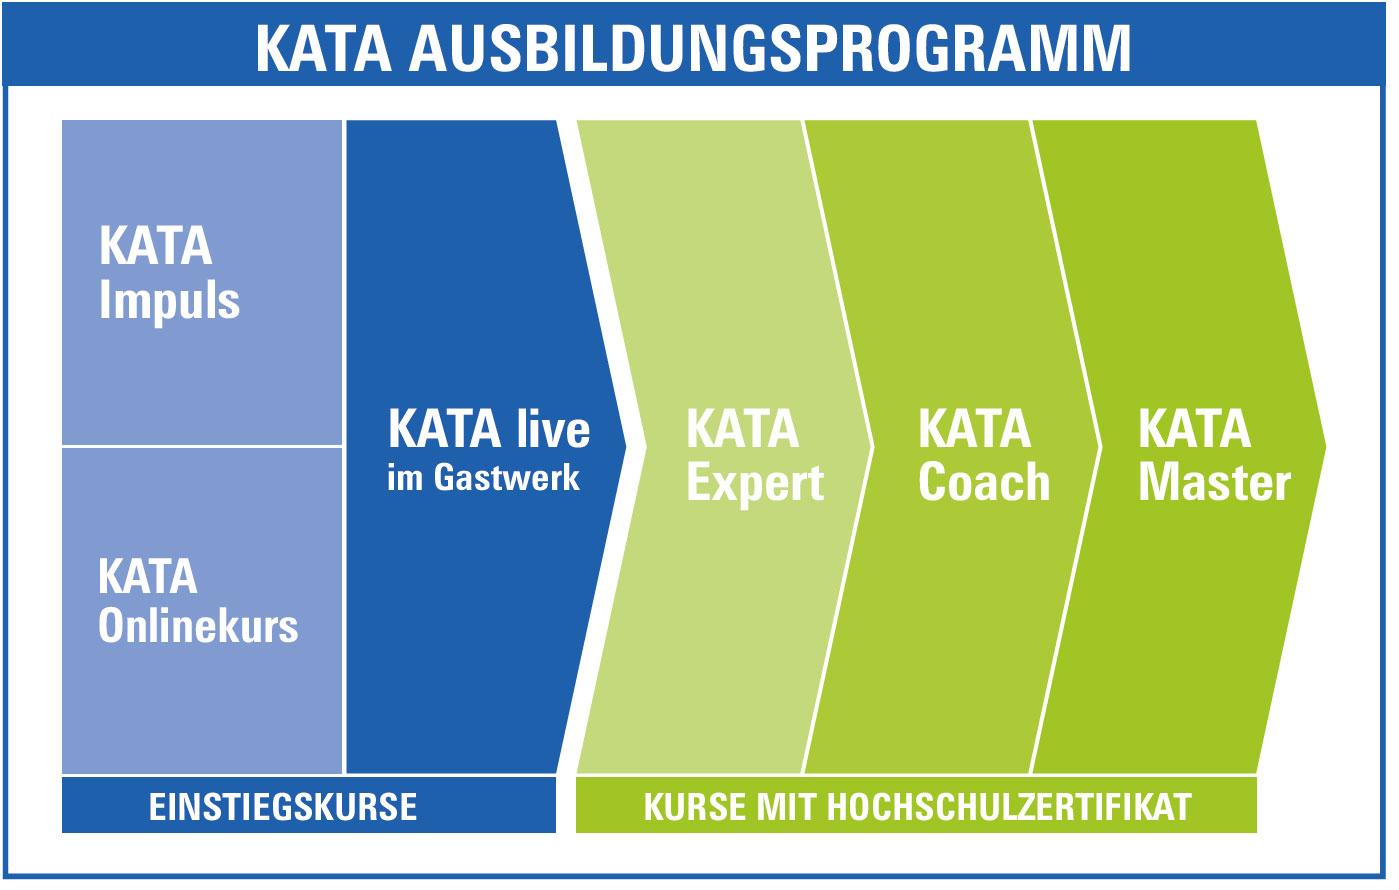 kata-ausbildungsprogramm